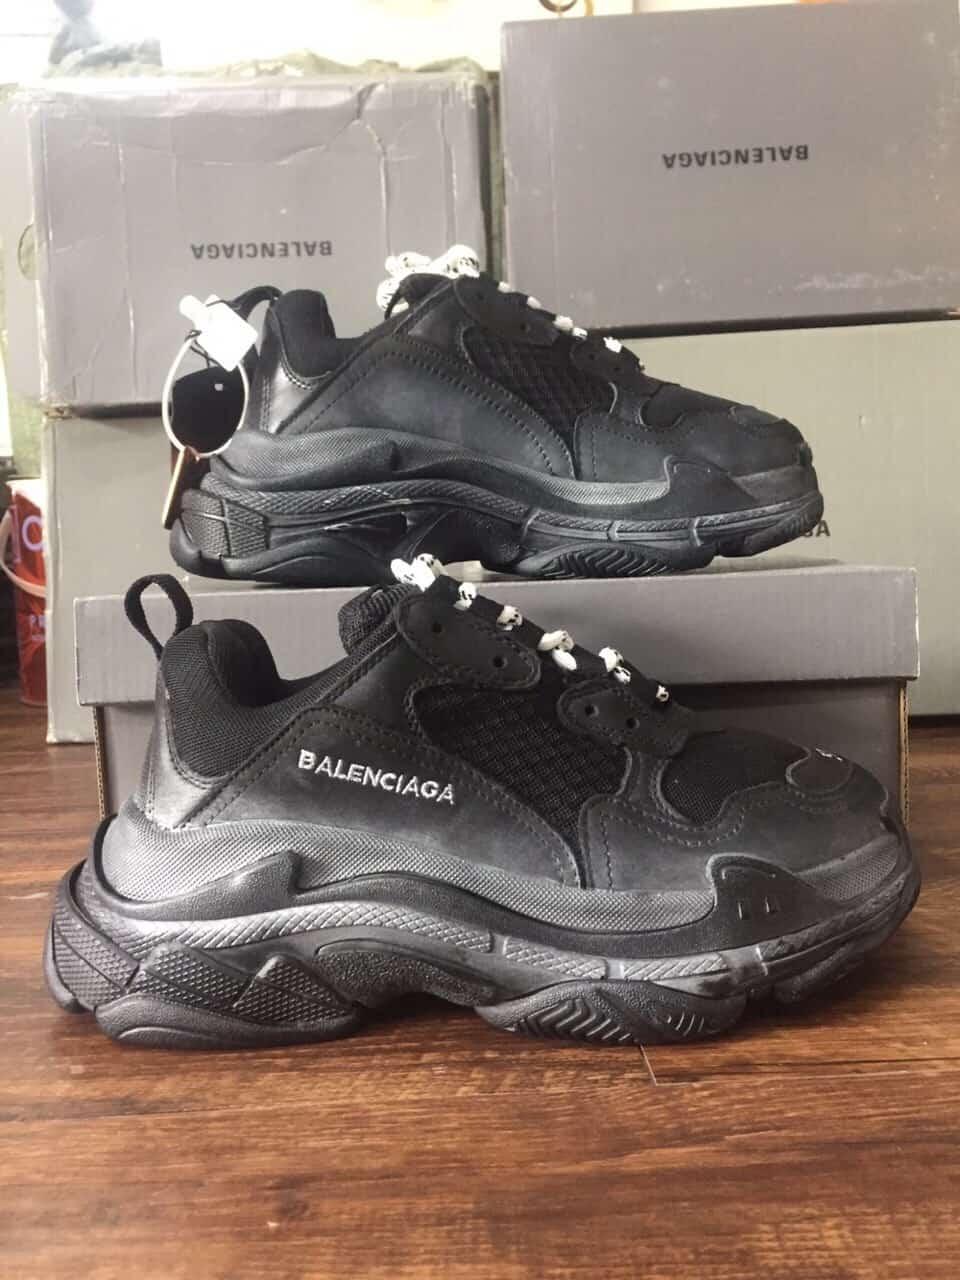 Giày Balenciaga Triple S Đen rep 1:1 được dân chơi Sneaker săn đón